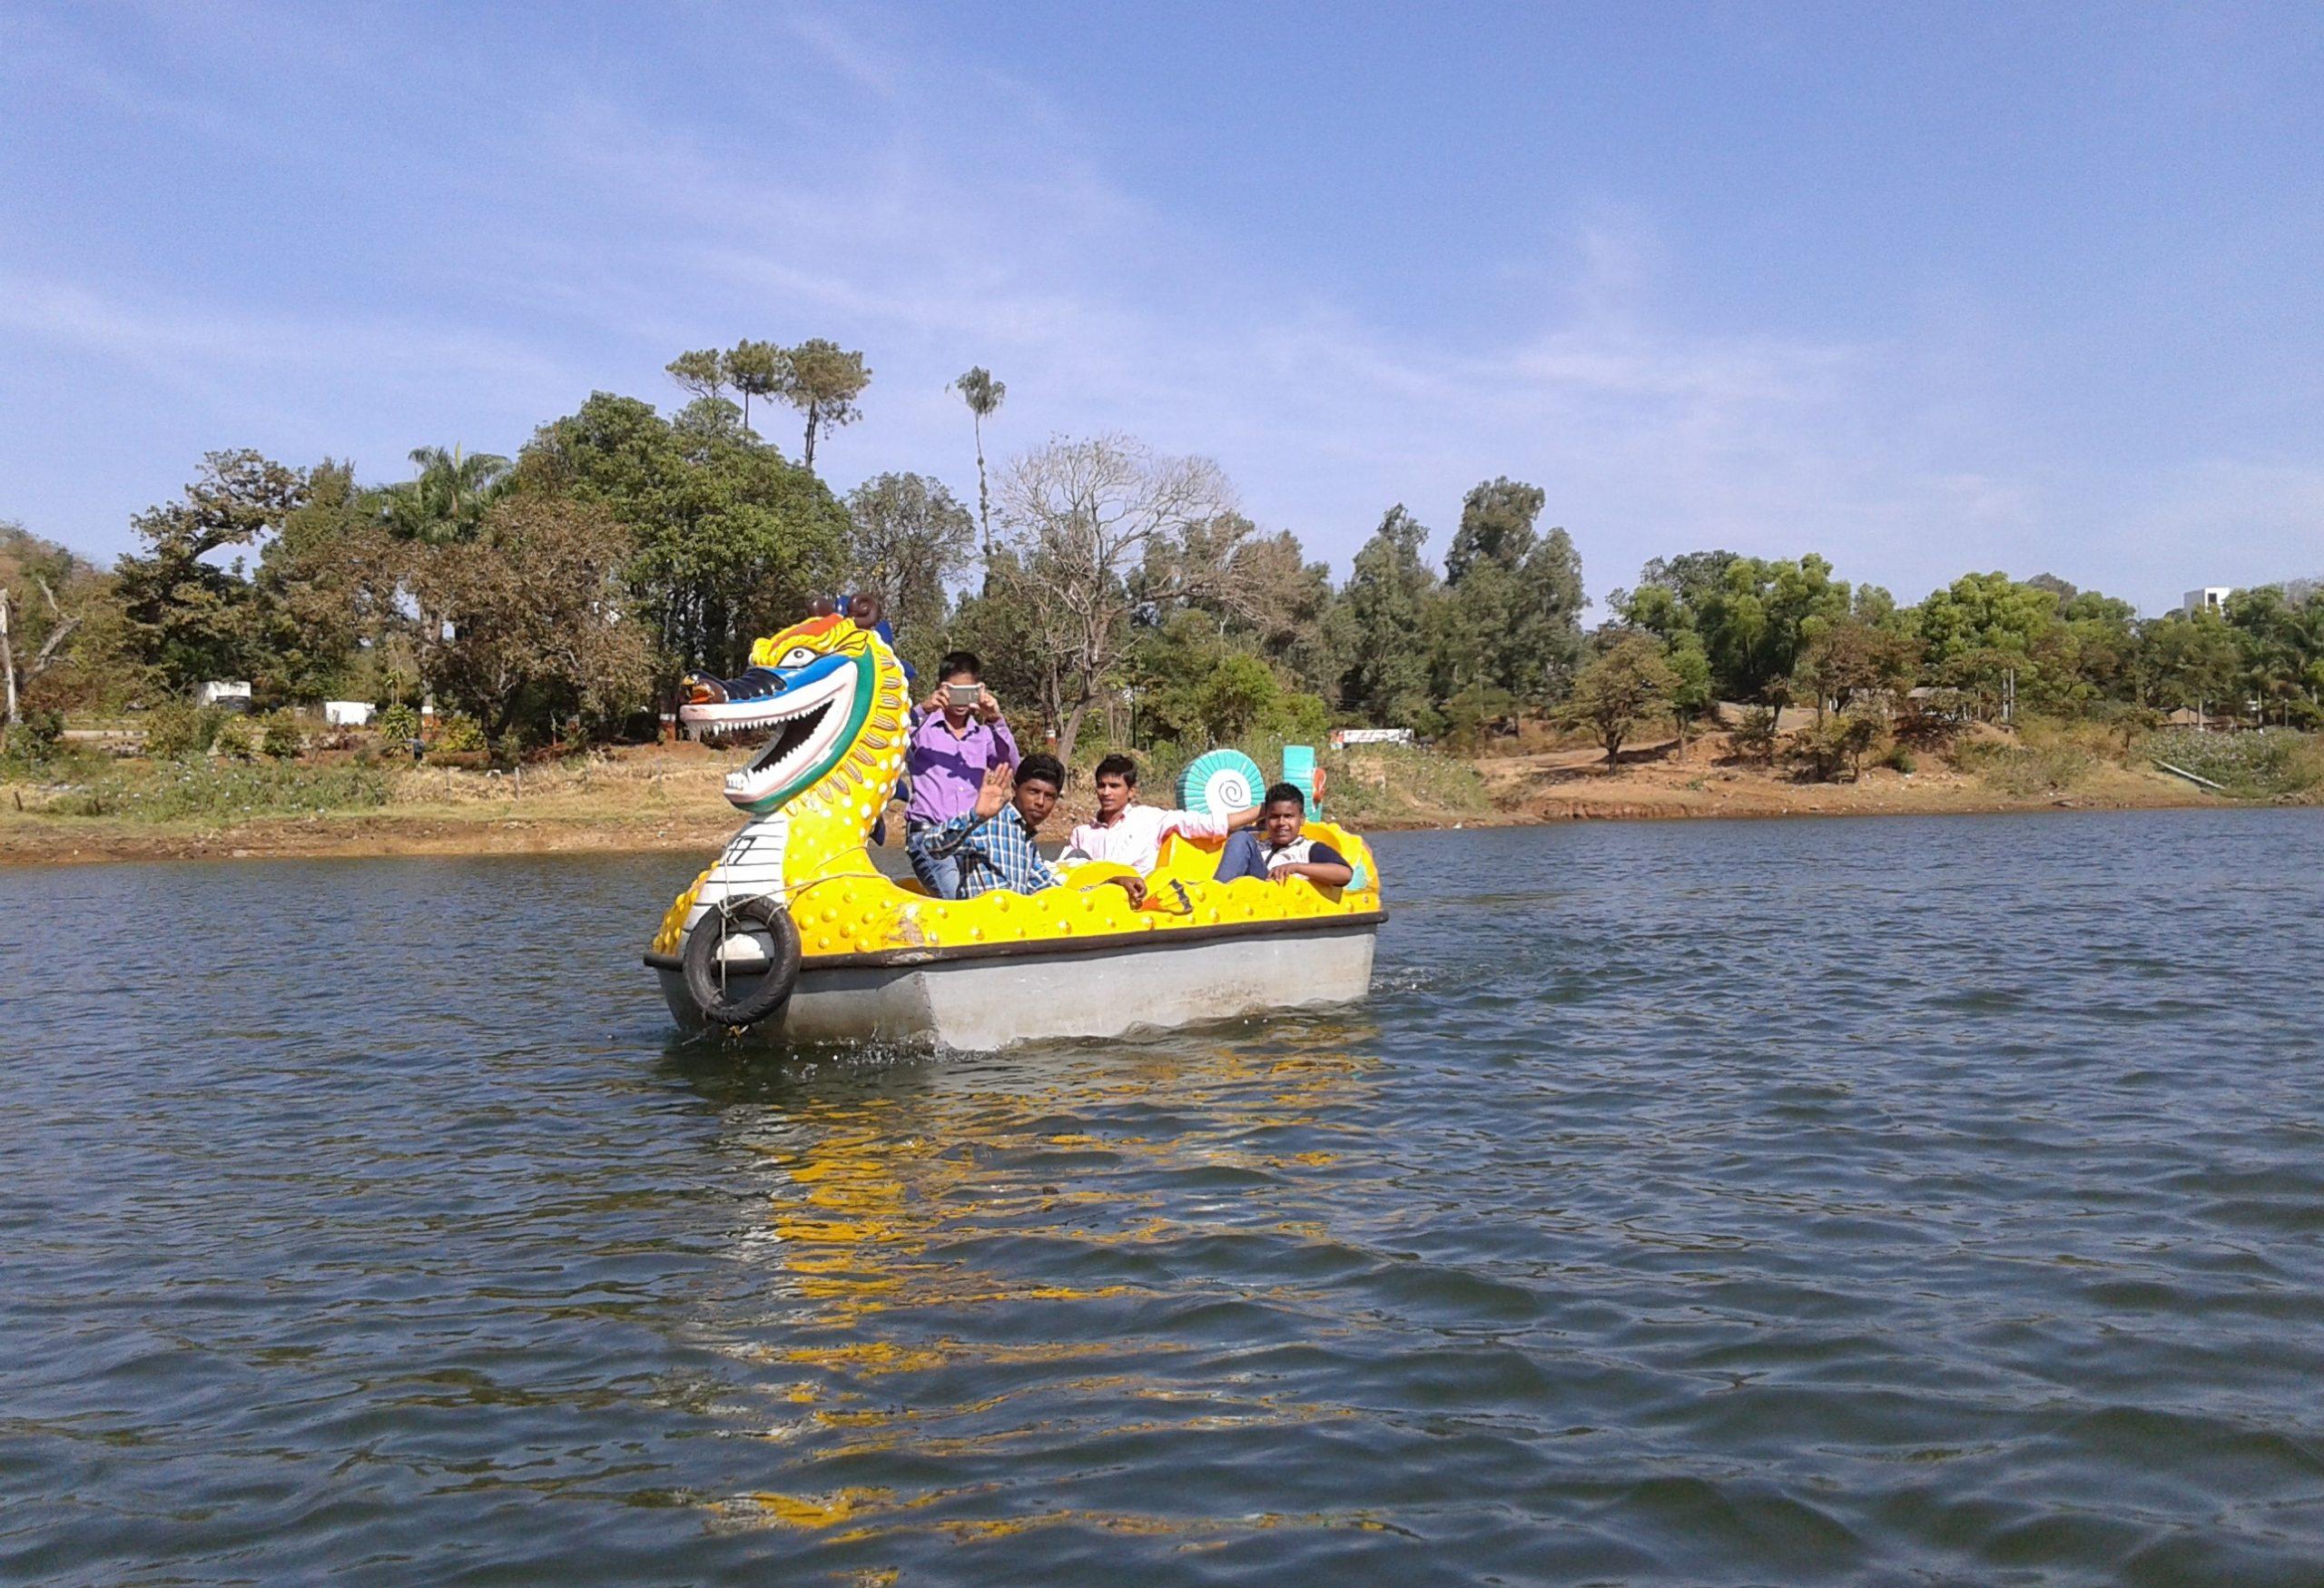 Kids enjoying boating in water